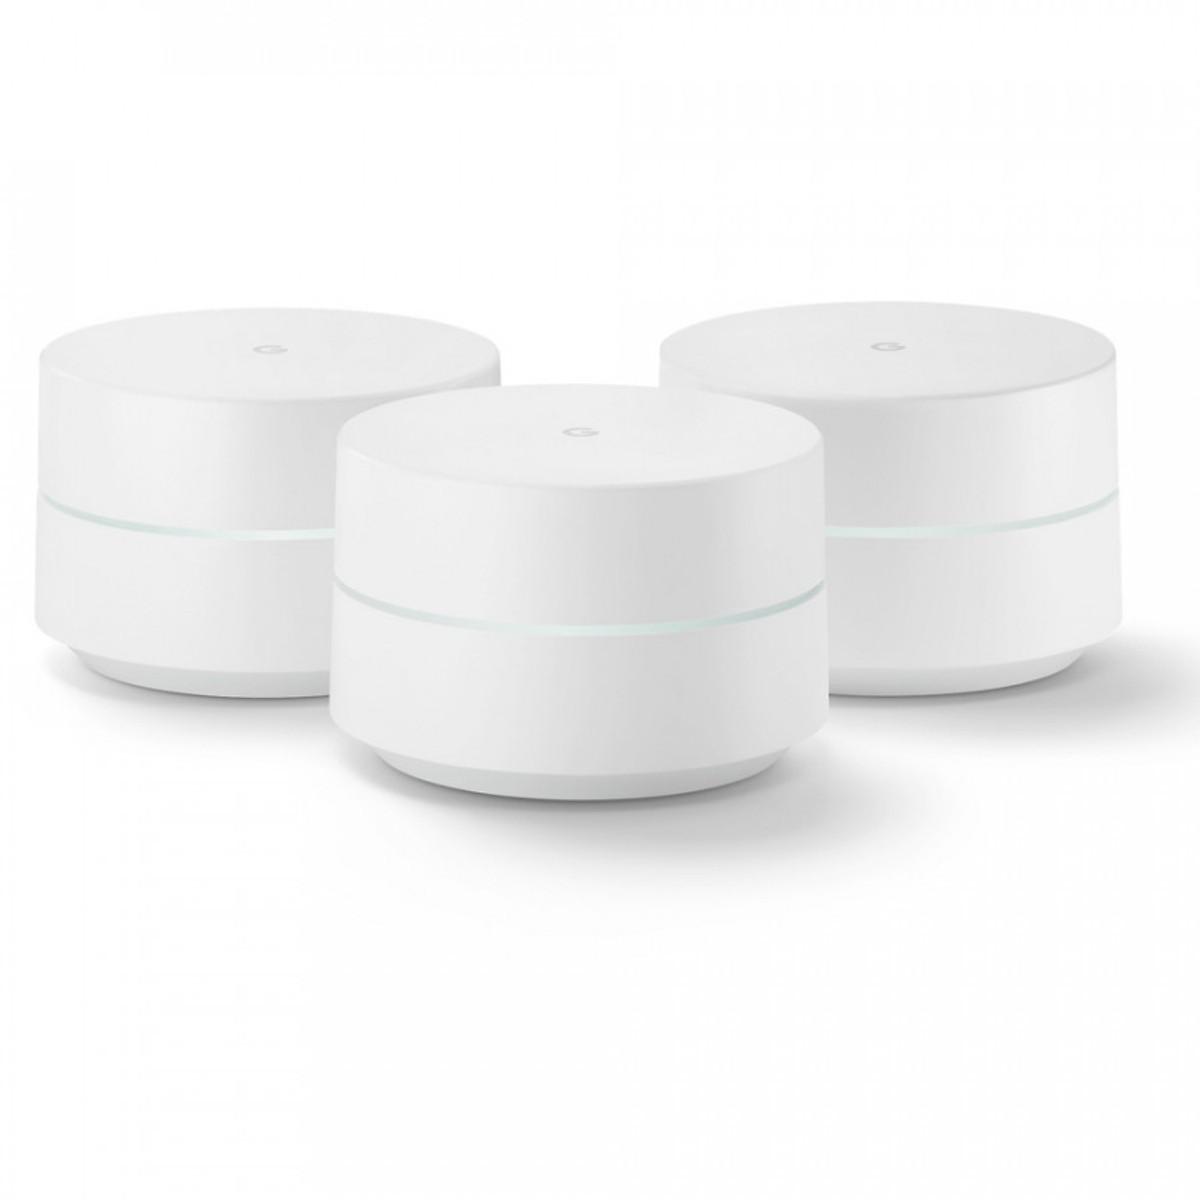 Bộ Phát Wifi Thông Minh Google Wifi - 3 Pack - Hàng Nhập Khẩu